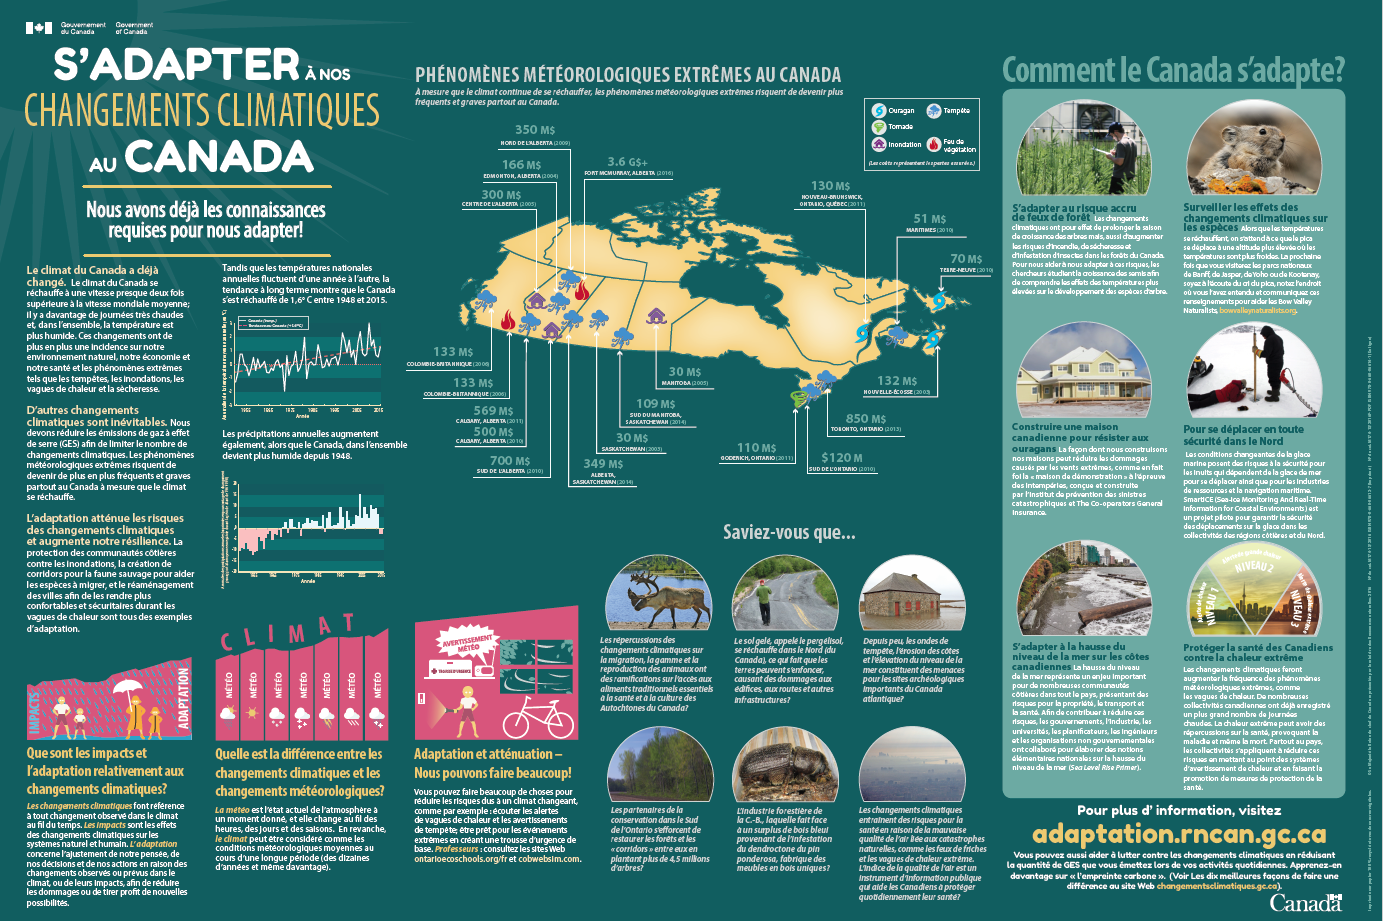 S'ADAPTER A NOS CHANGEMENTS CLIMATIQUES AU CANADA